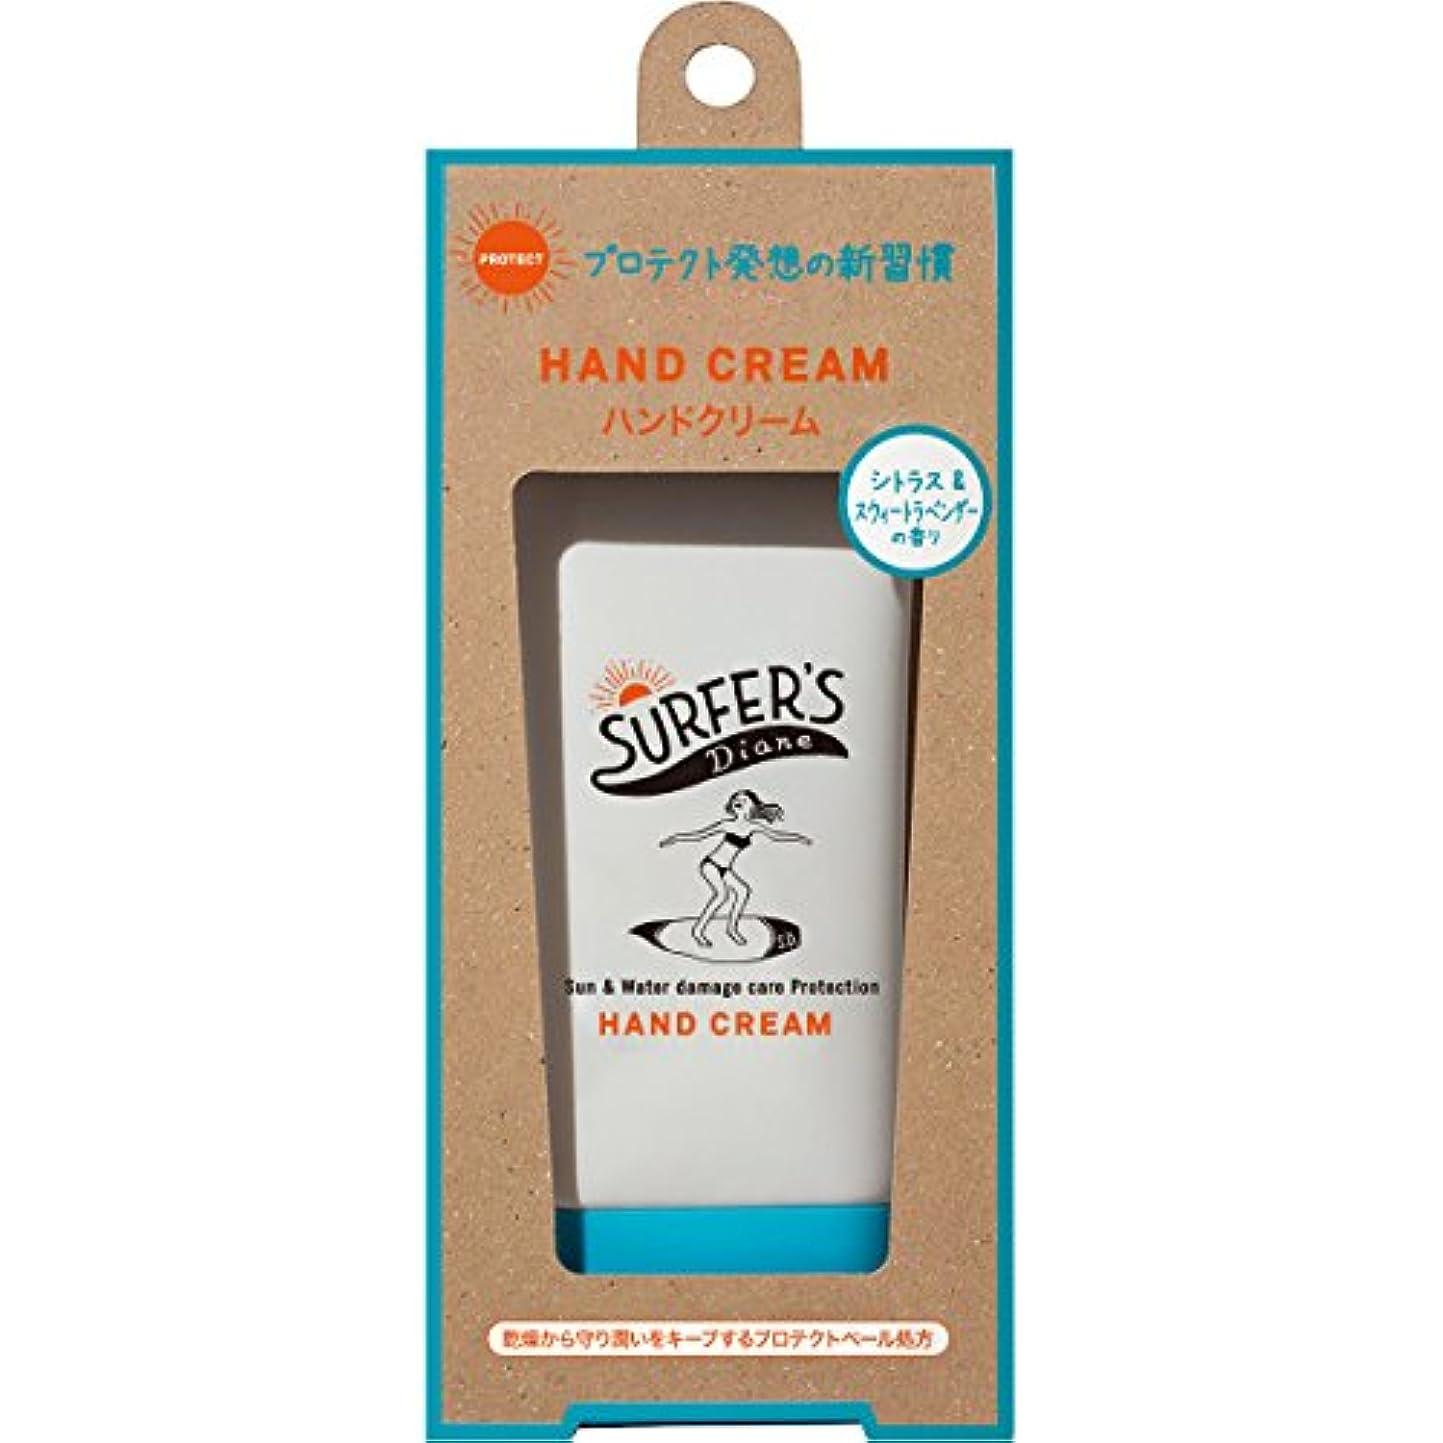 スライスかける苦しむサーファーズダイアン プロテクト ハンドクリーム シトラス&スウィートラベンダーの香り 50g